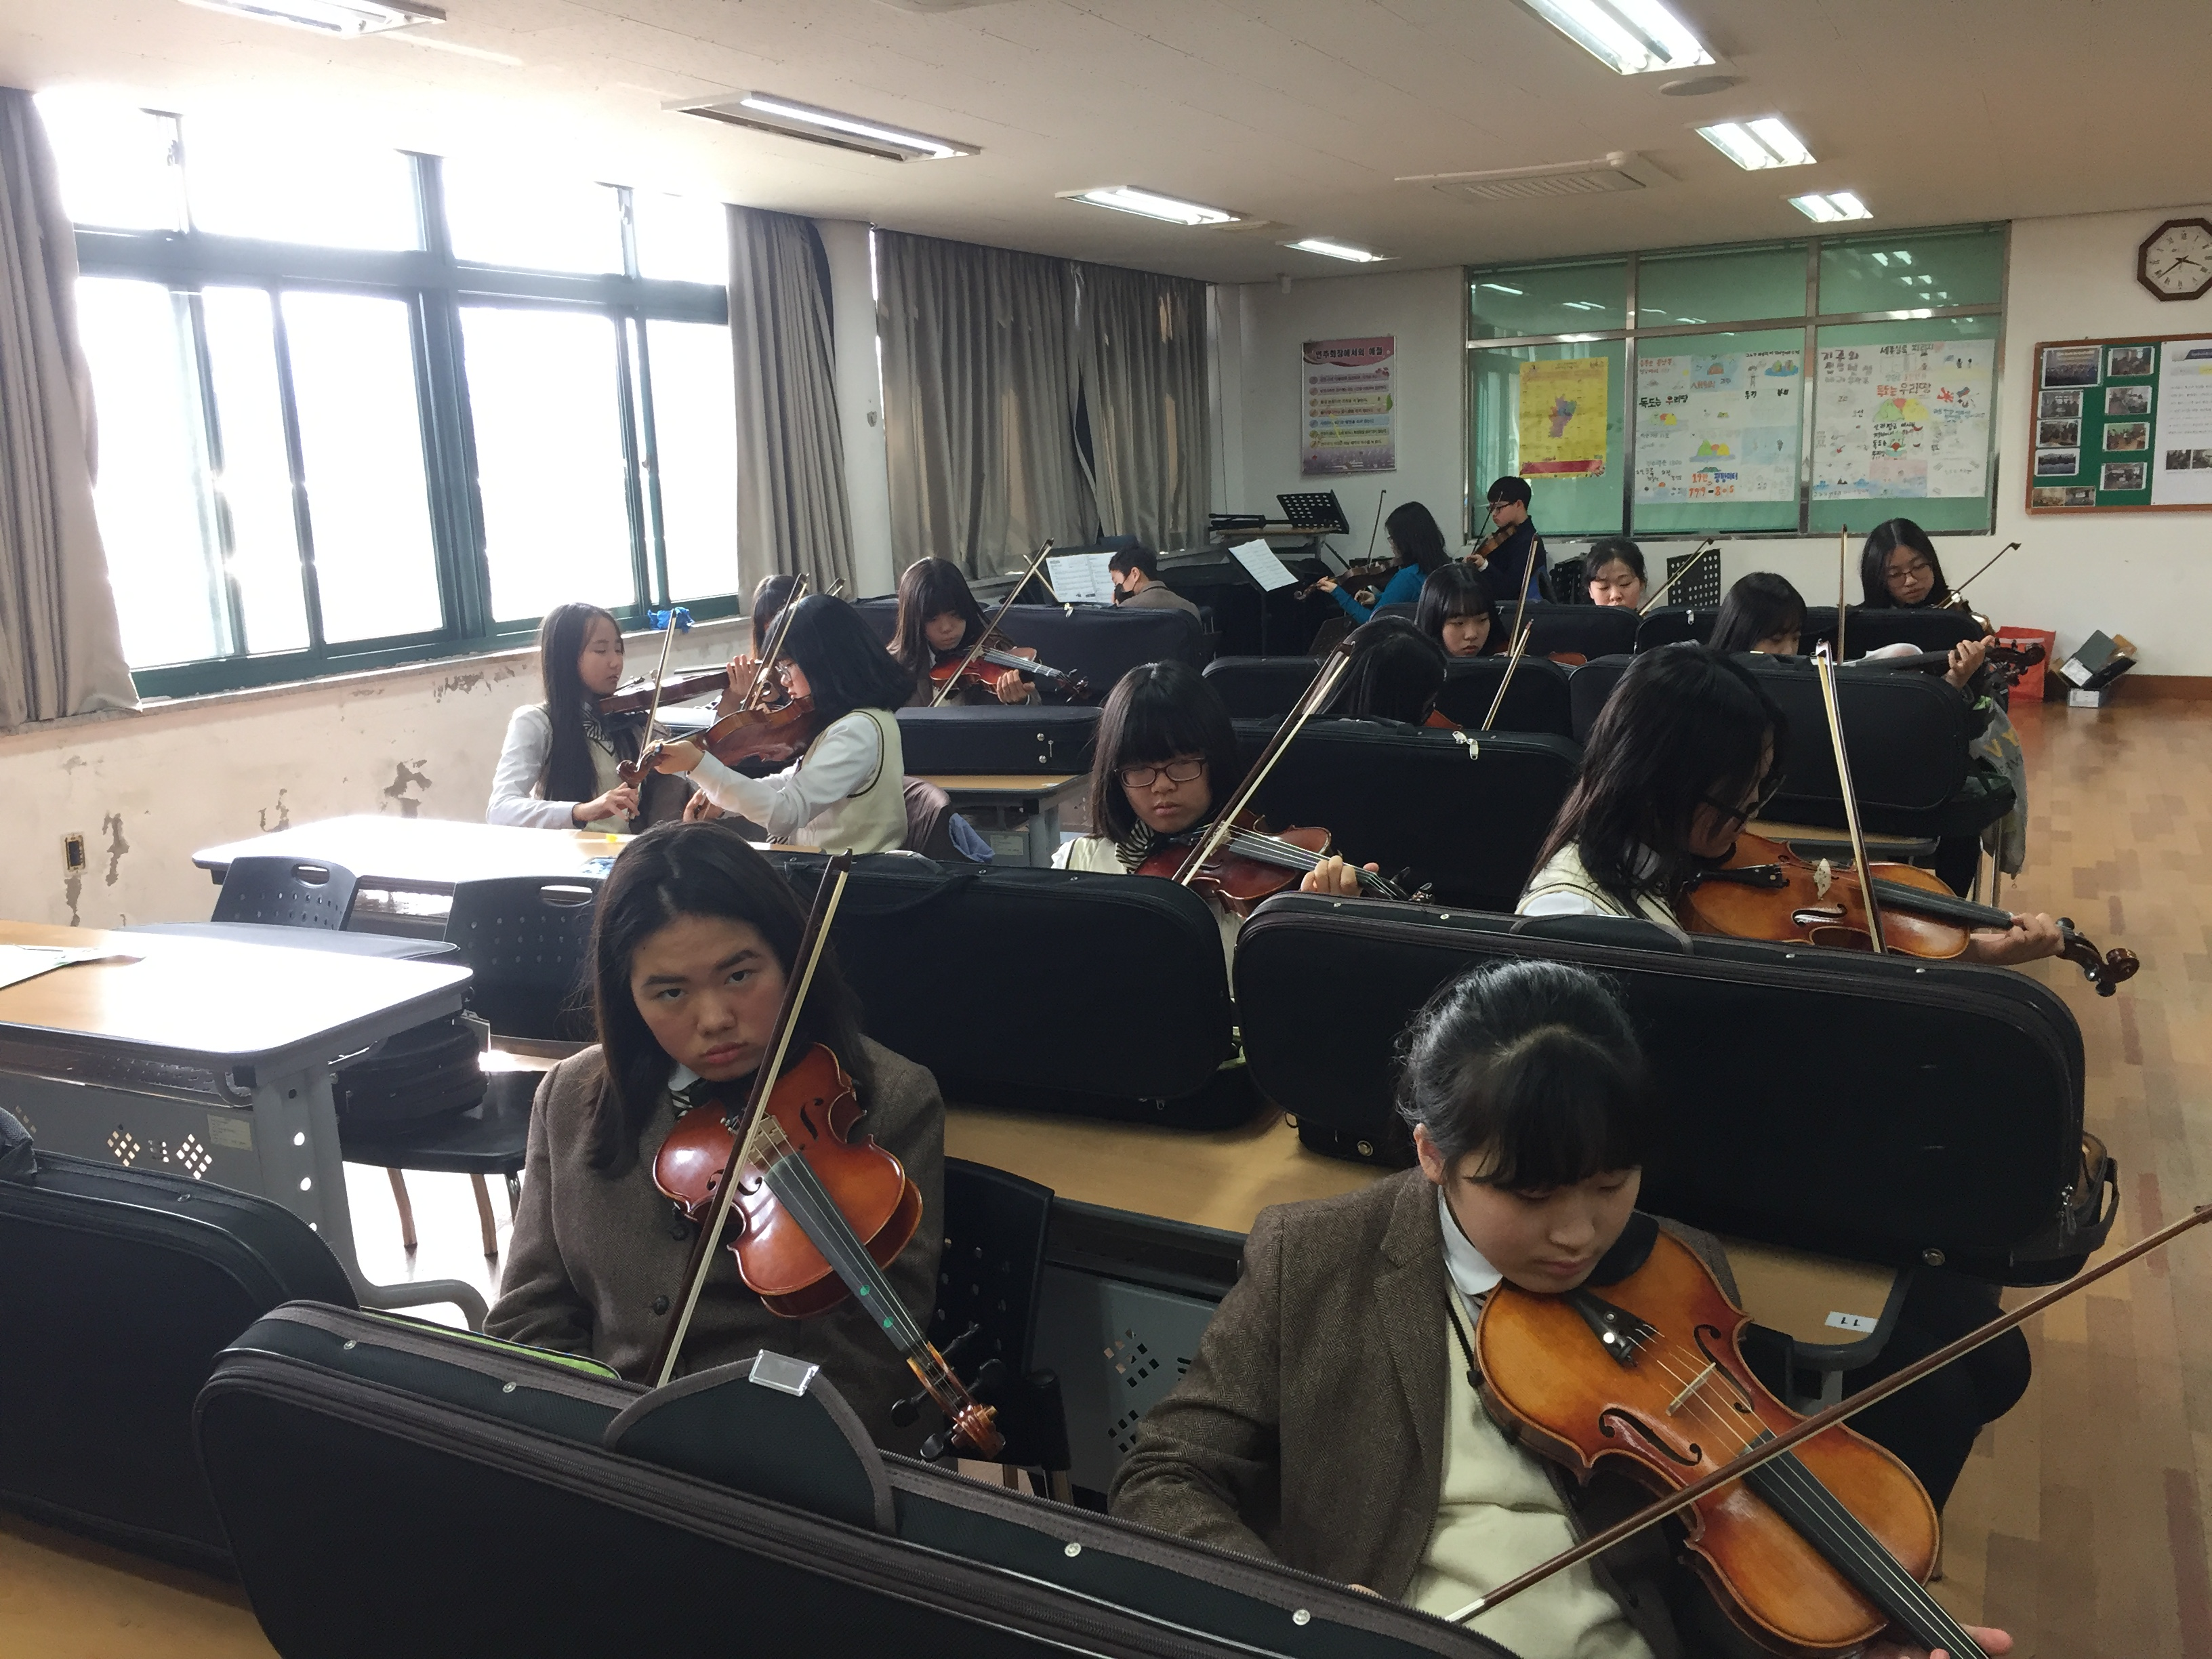 [일반] YB오케스트라 파트 활동의 첨부이미지 3